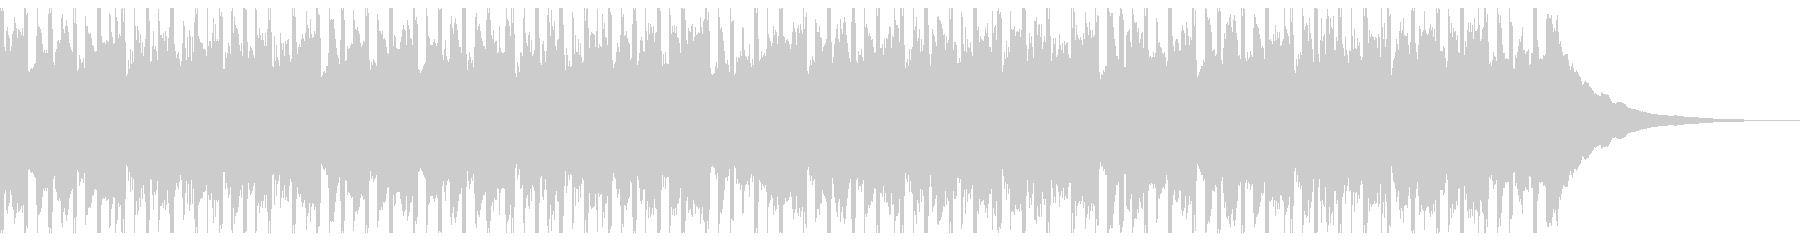 構築(ショート2)の未再生の波形